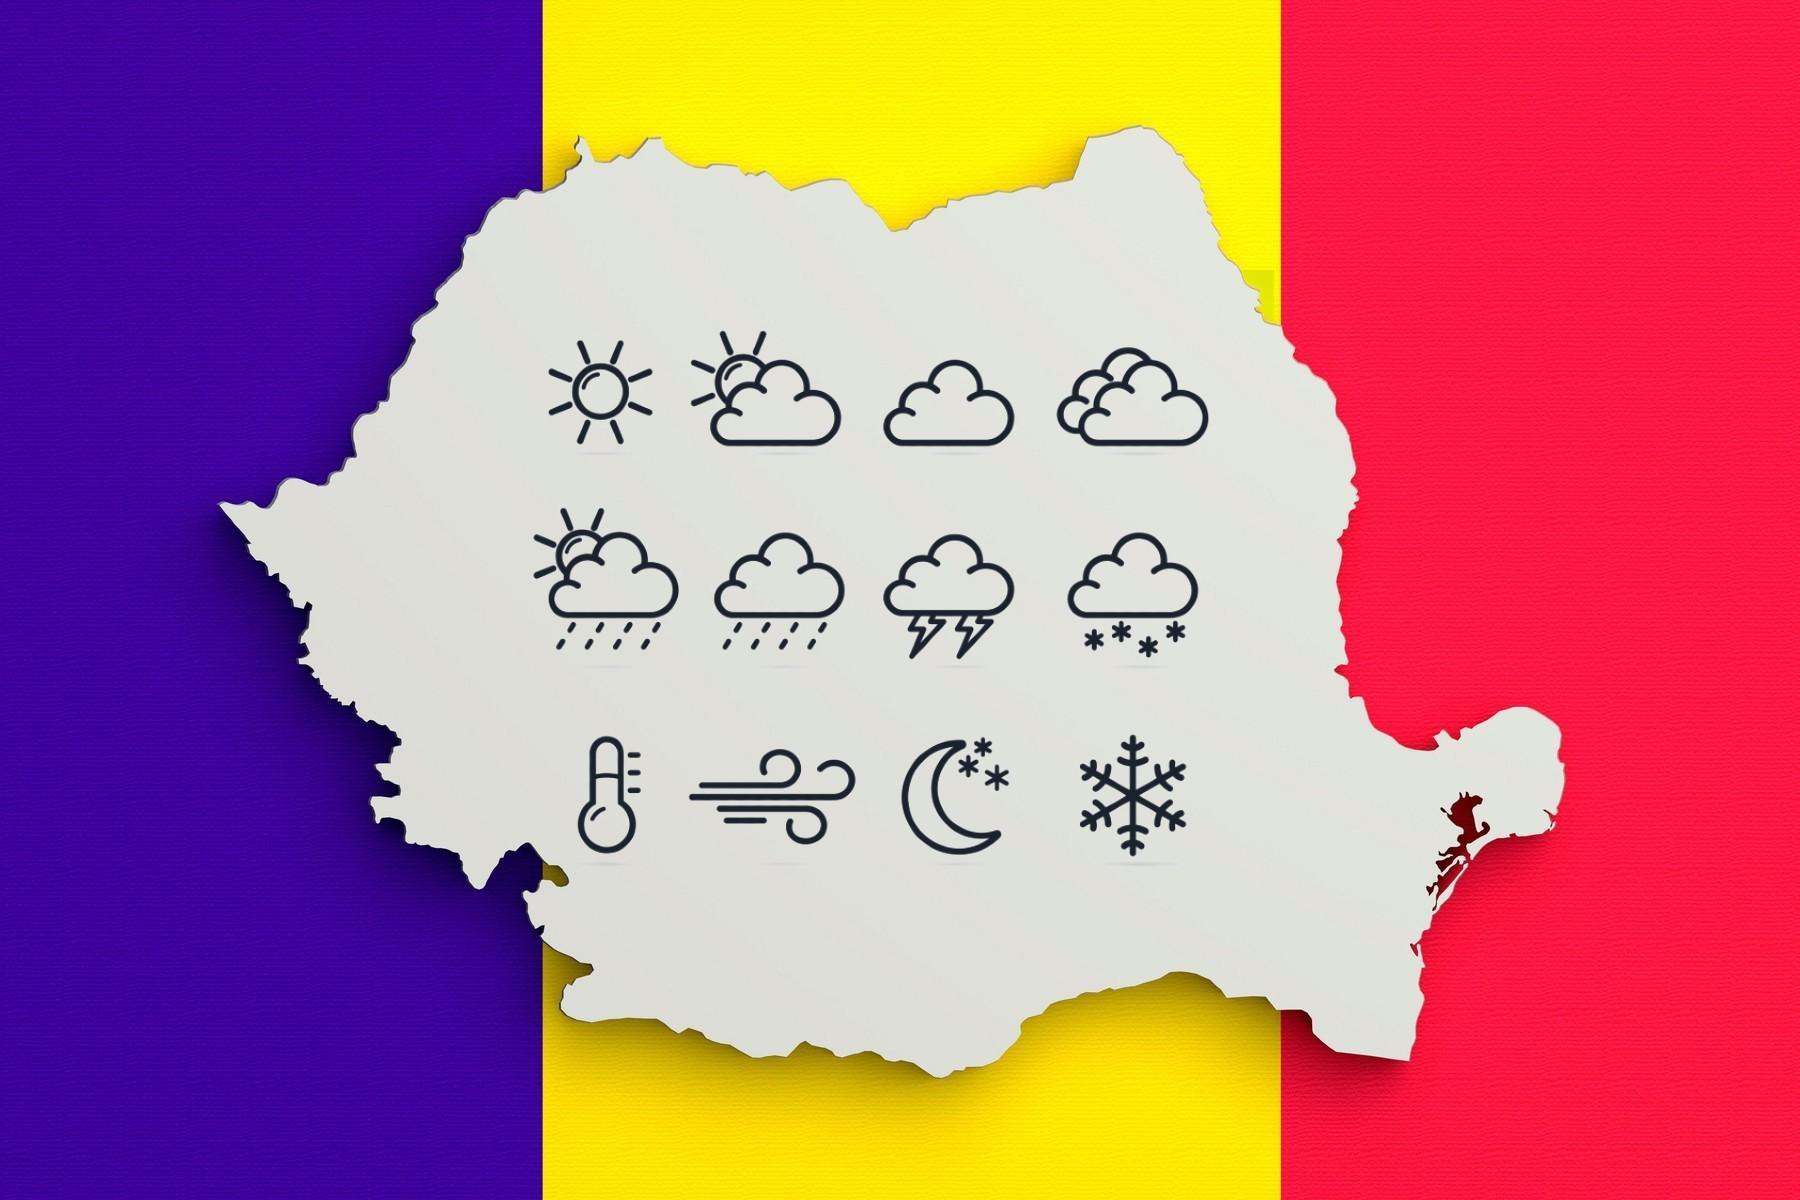 Prognoză meteo, 3 noiembrie 2020. Cum e vremea în România și care sunt previziunile ANM pentru astăzi